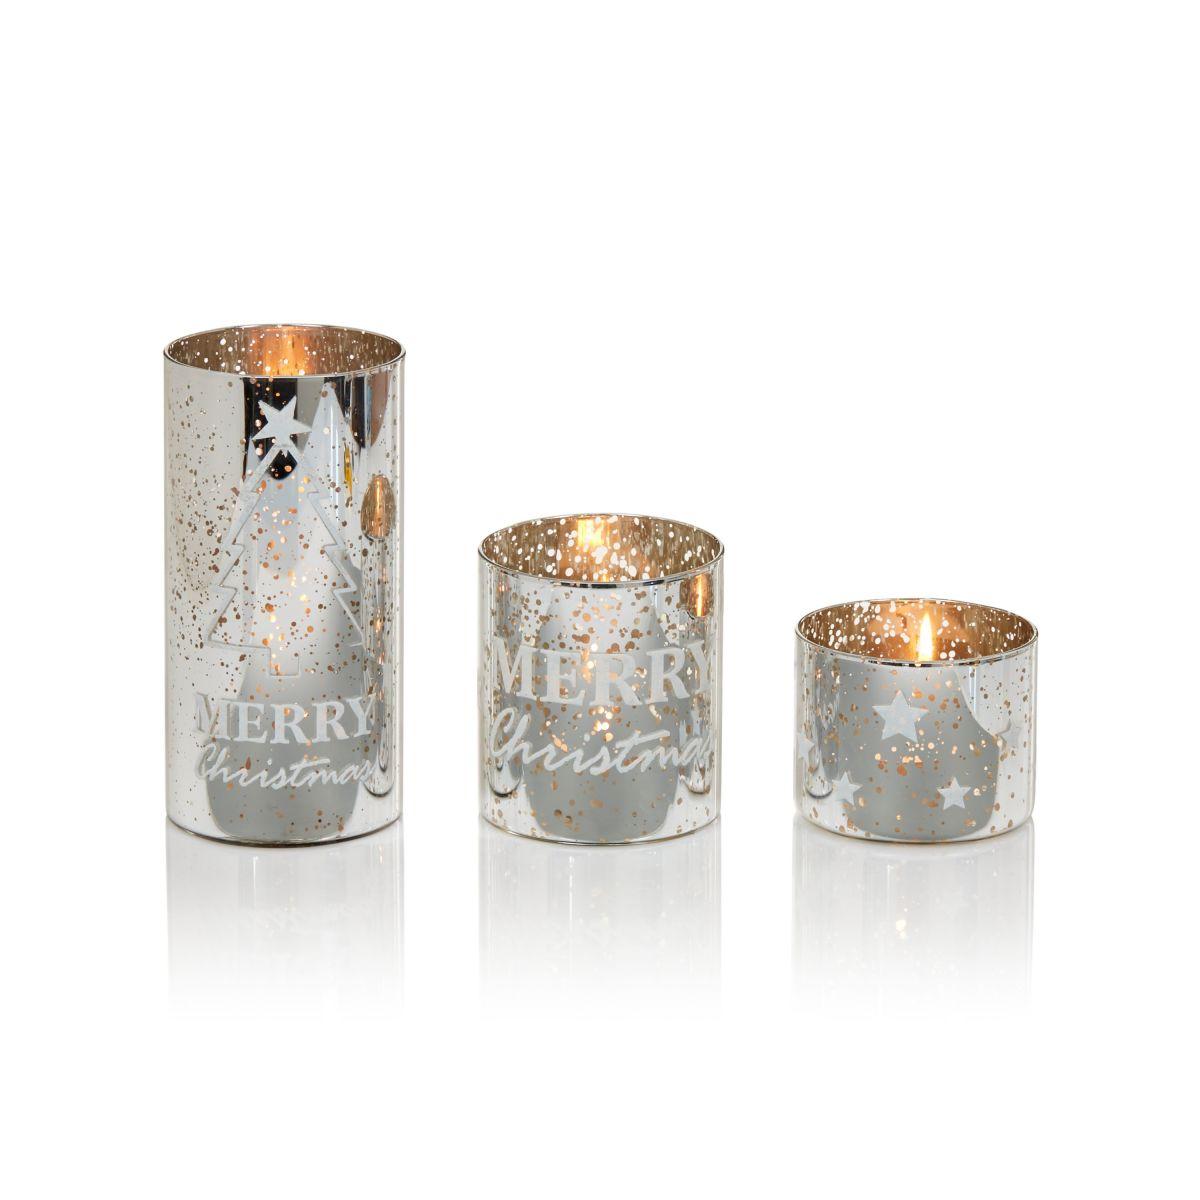 Windlicht-Set, 3-tlg., Sterne, MERRY Christmas, Tannenbäume, Glas (Impressionen)